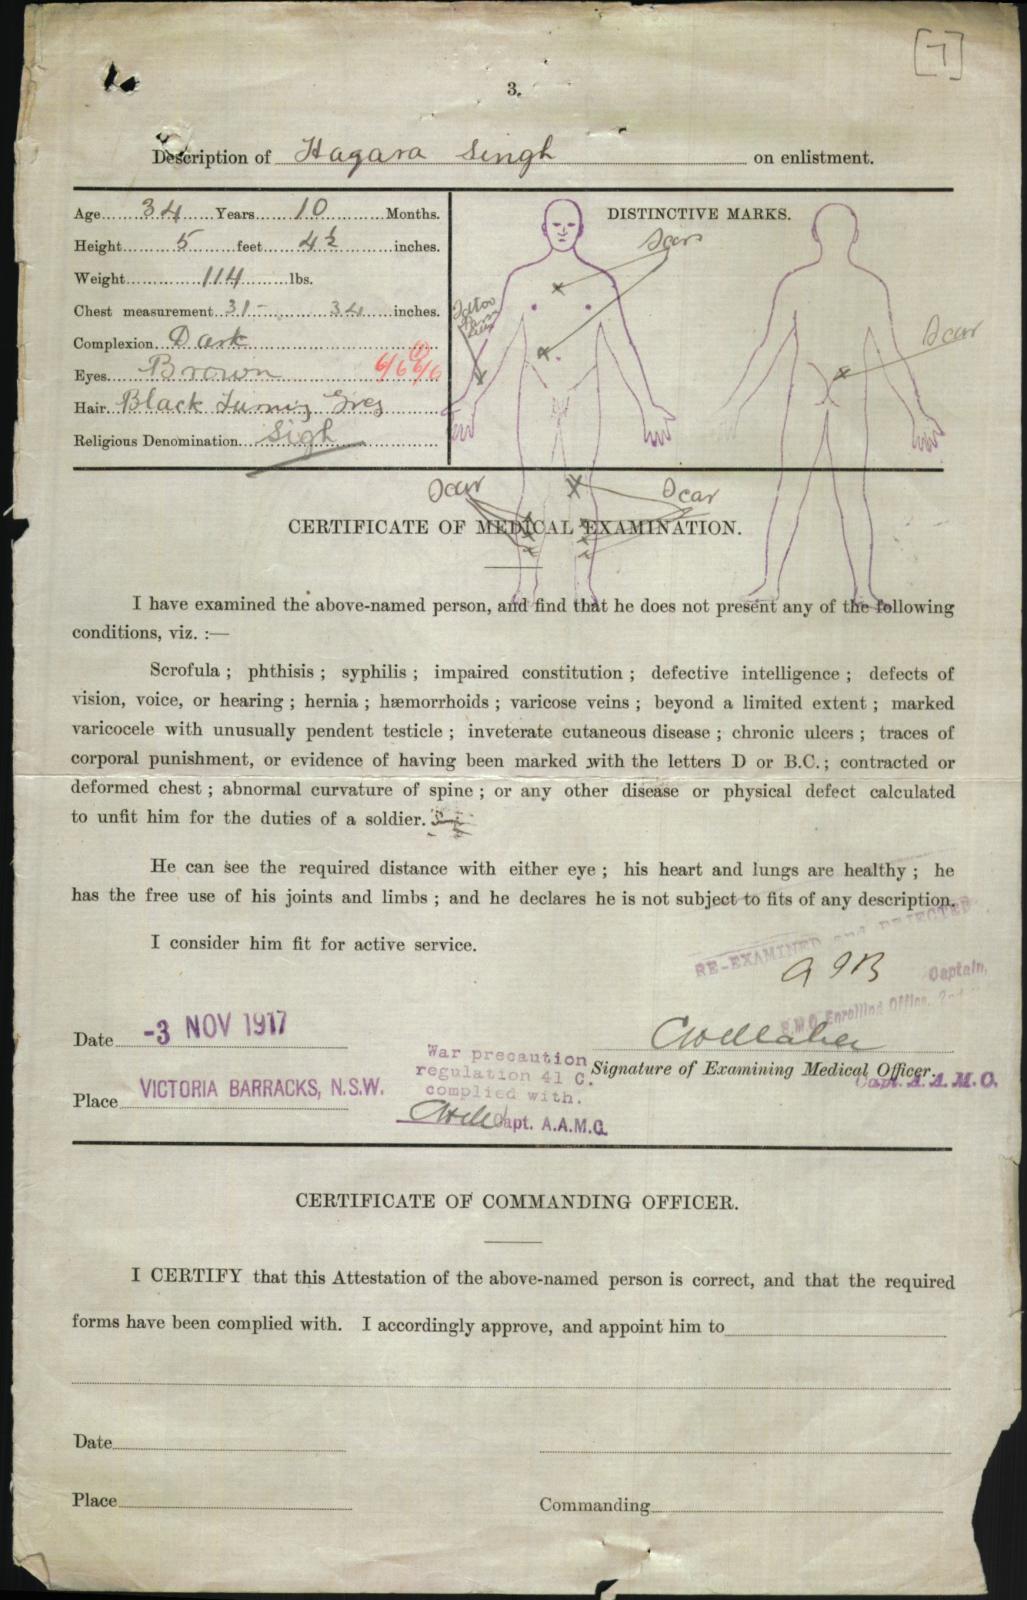 Hazara Singh - Enlistment form for WW1